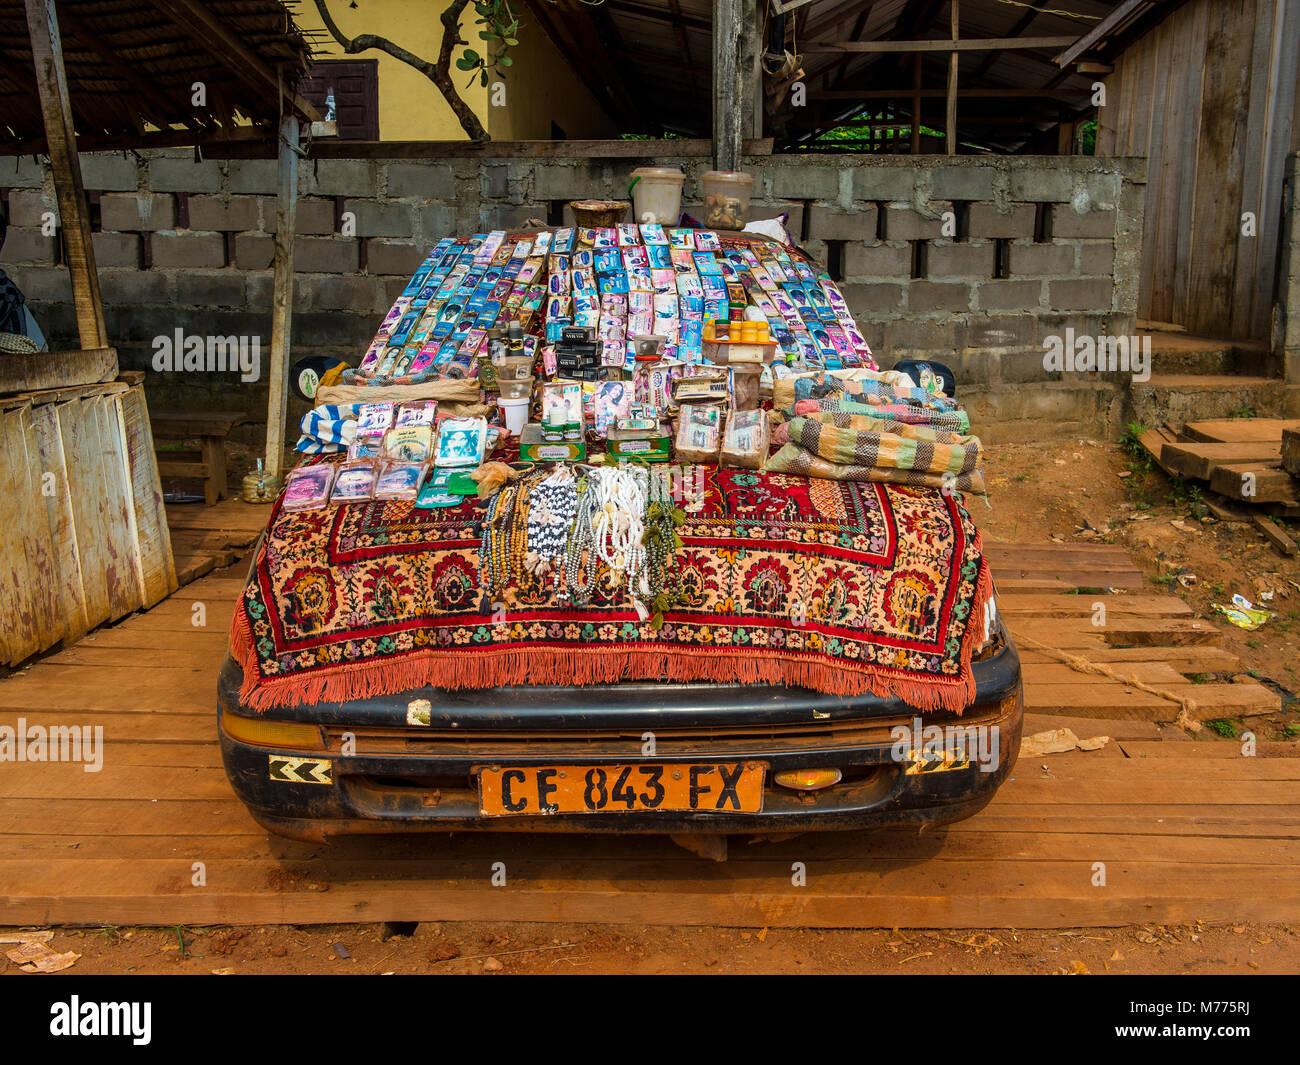 Magasin local sur une voiture, Libongo, profondément dans la jungle, le Cameroun, l'Afrique Photo Stock